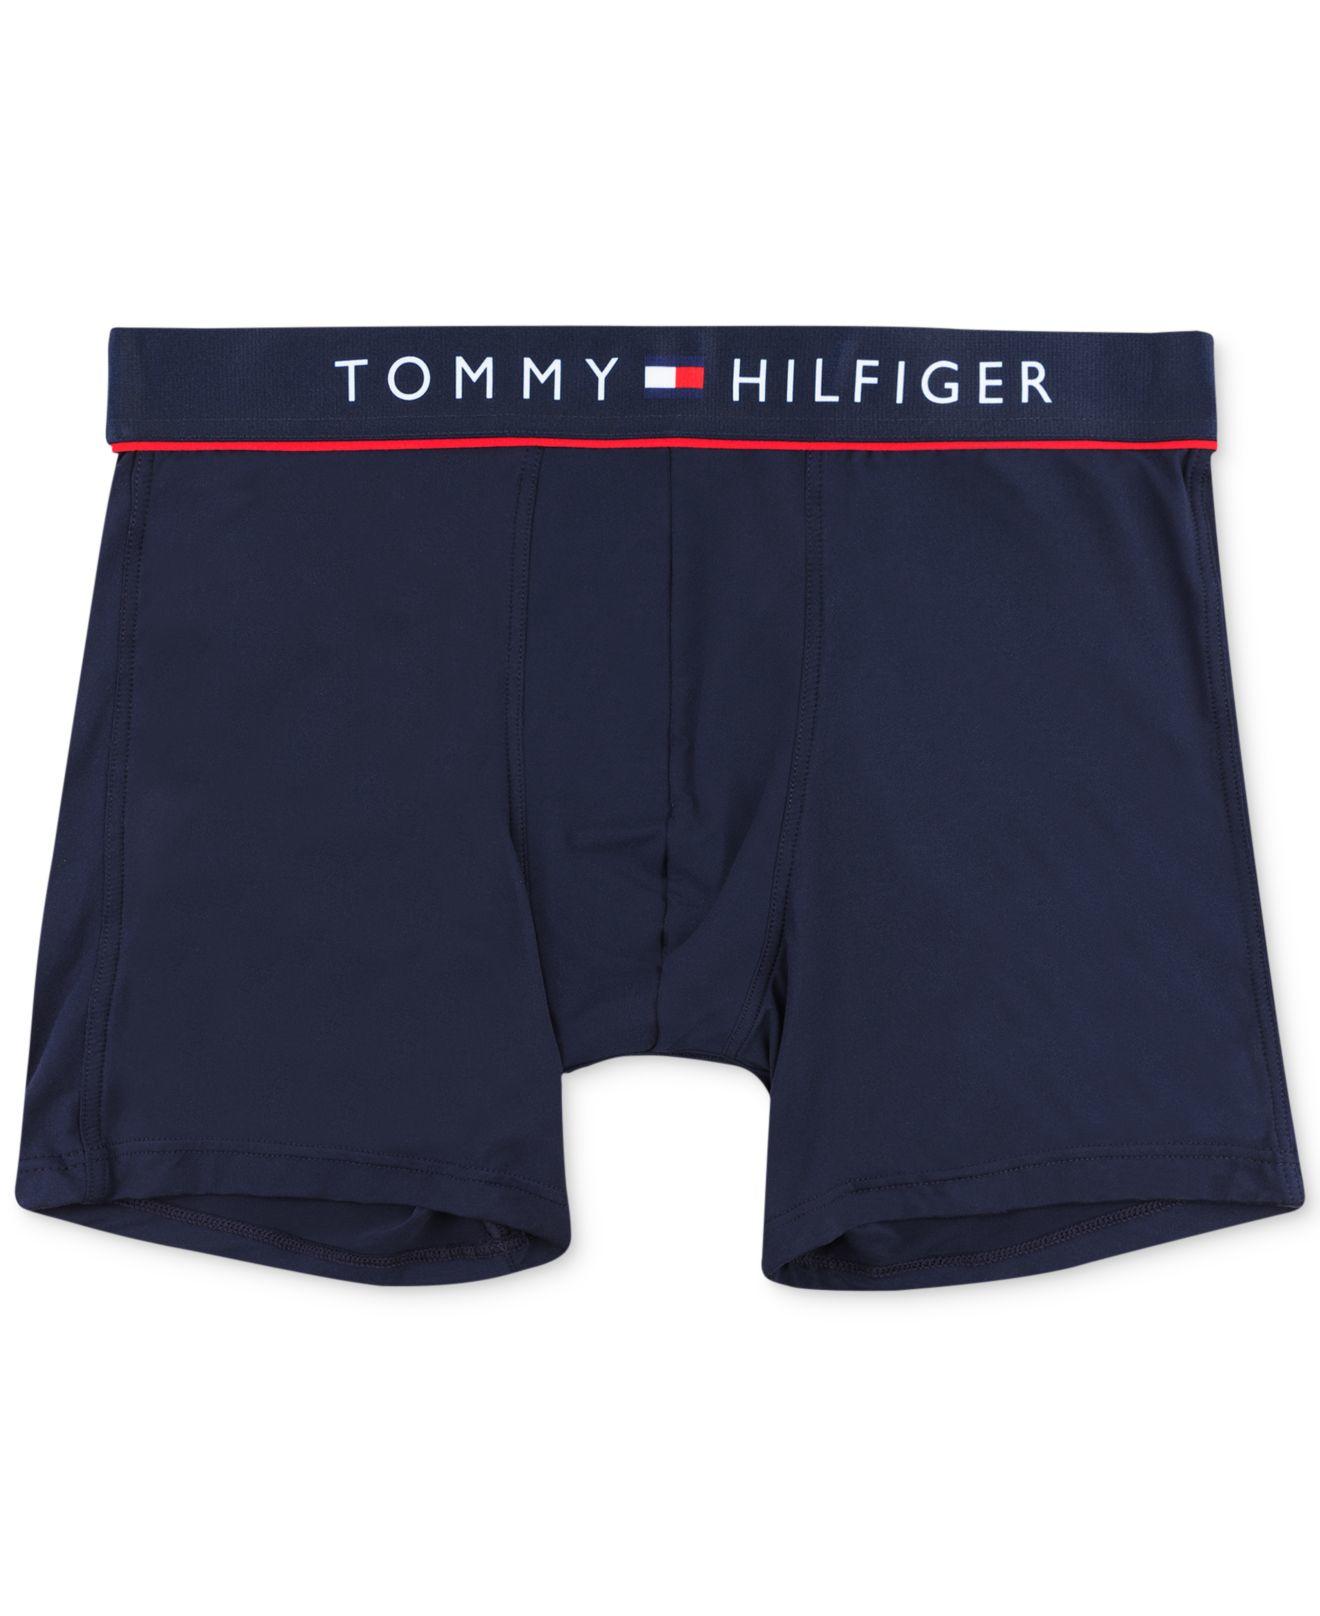 tommy hilfiger cotton flex boxer briefs in blue for men. Black Bedroom Furniture Sets. Home Design Ideas